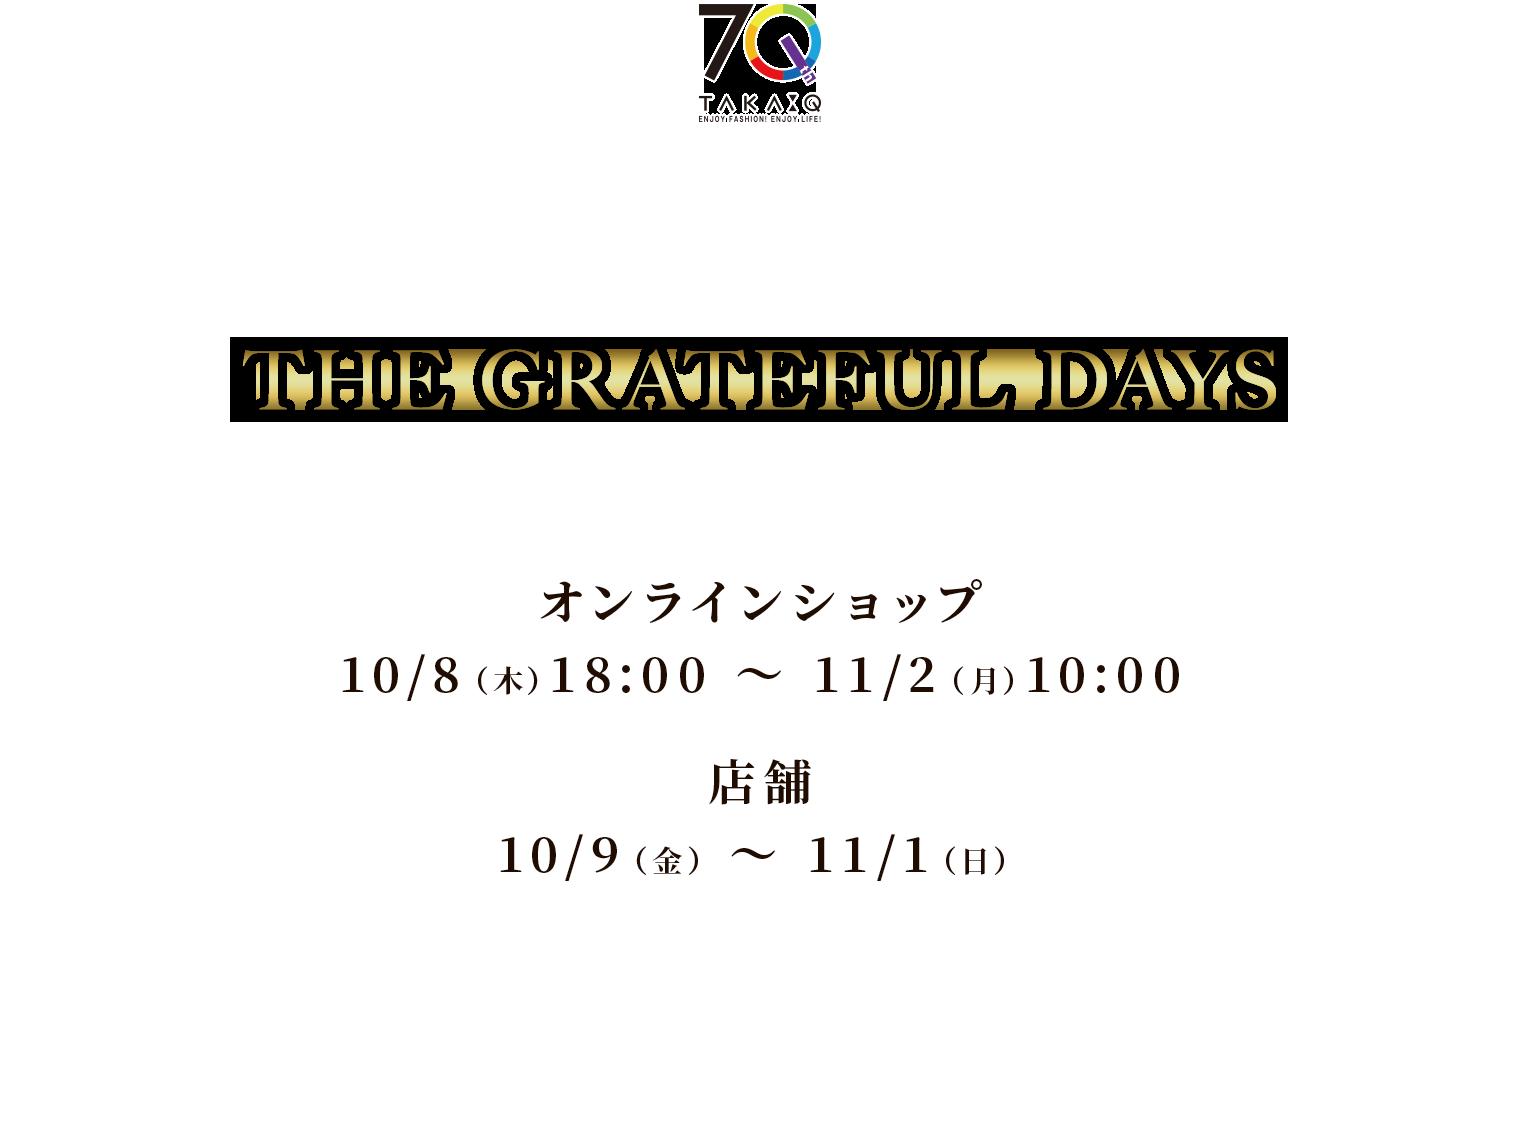 70周年特別企画 タカキューオンラインショップ会員ご優待SALE